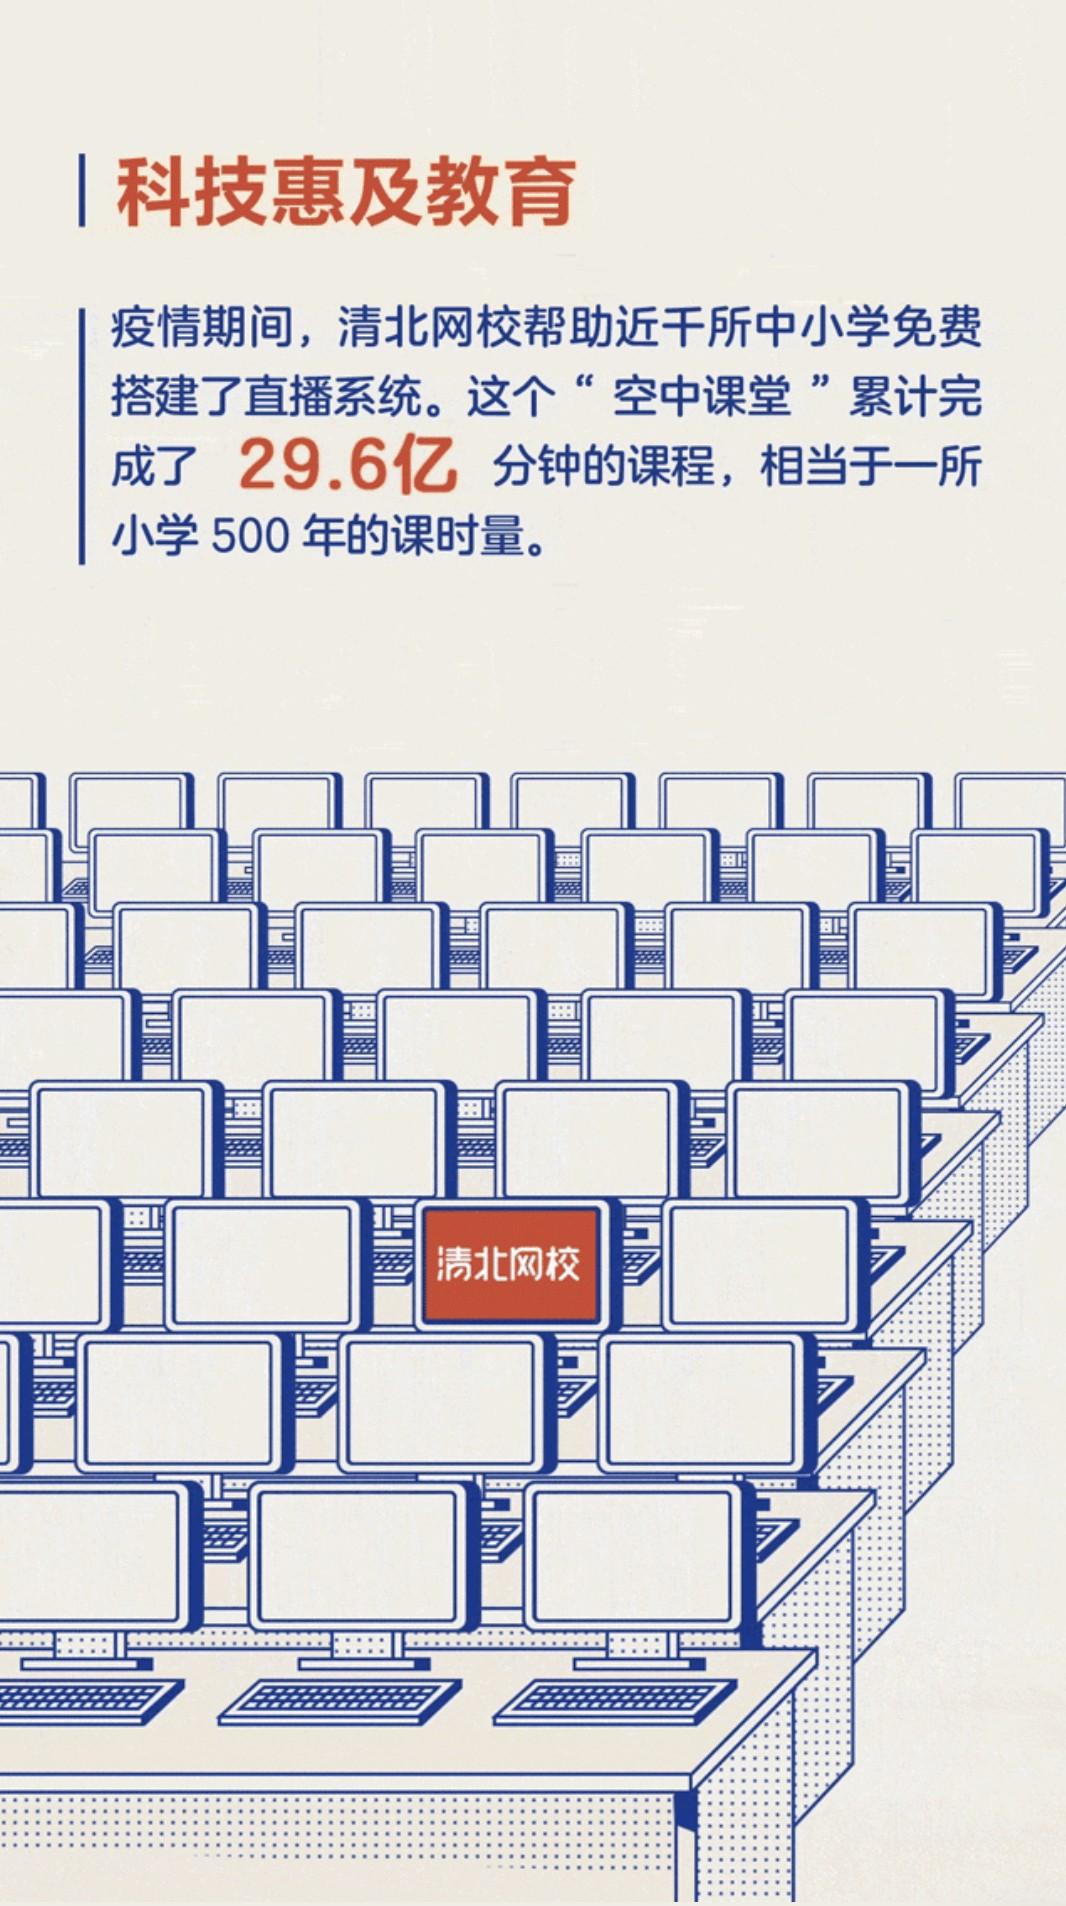 """大力教育年度数据公布 """"空中课堂""""累计完成29.6亿分钟课程-产业互联网"""